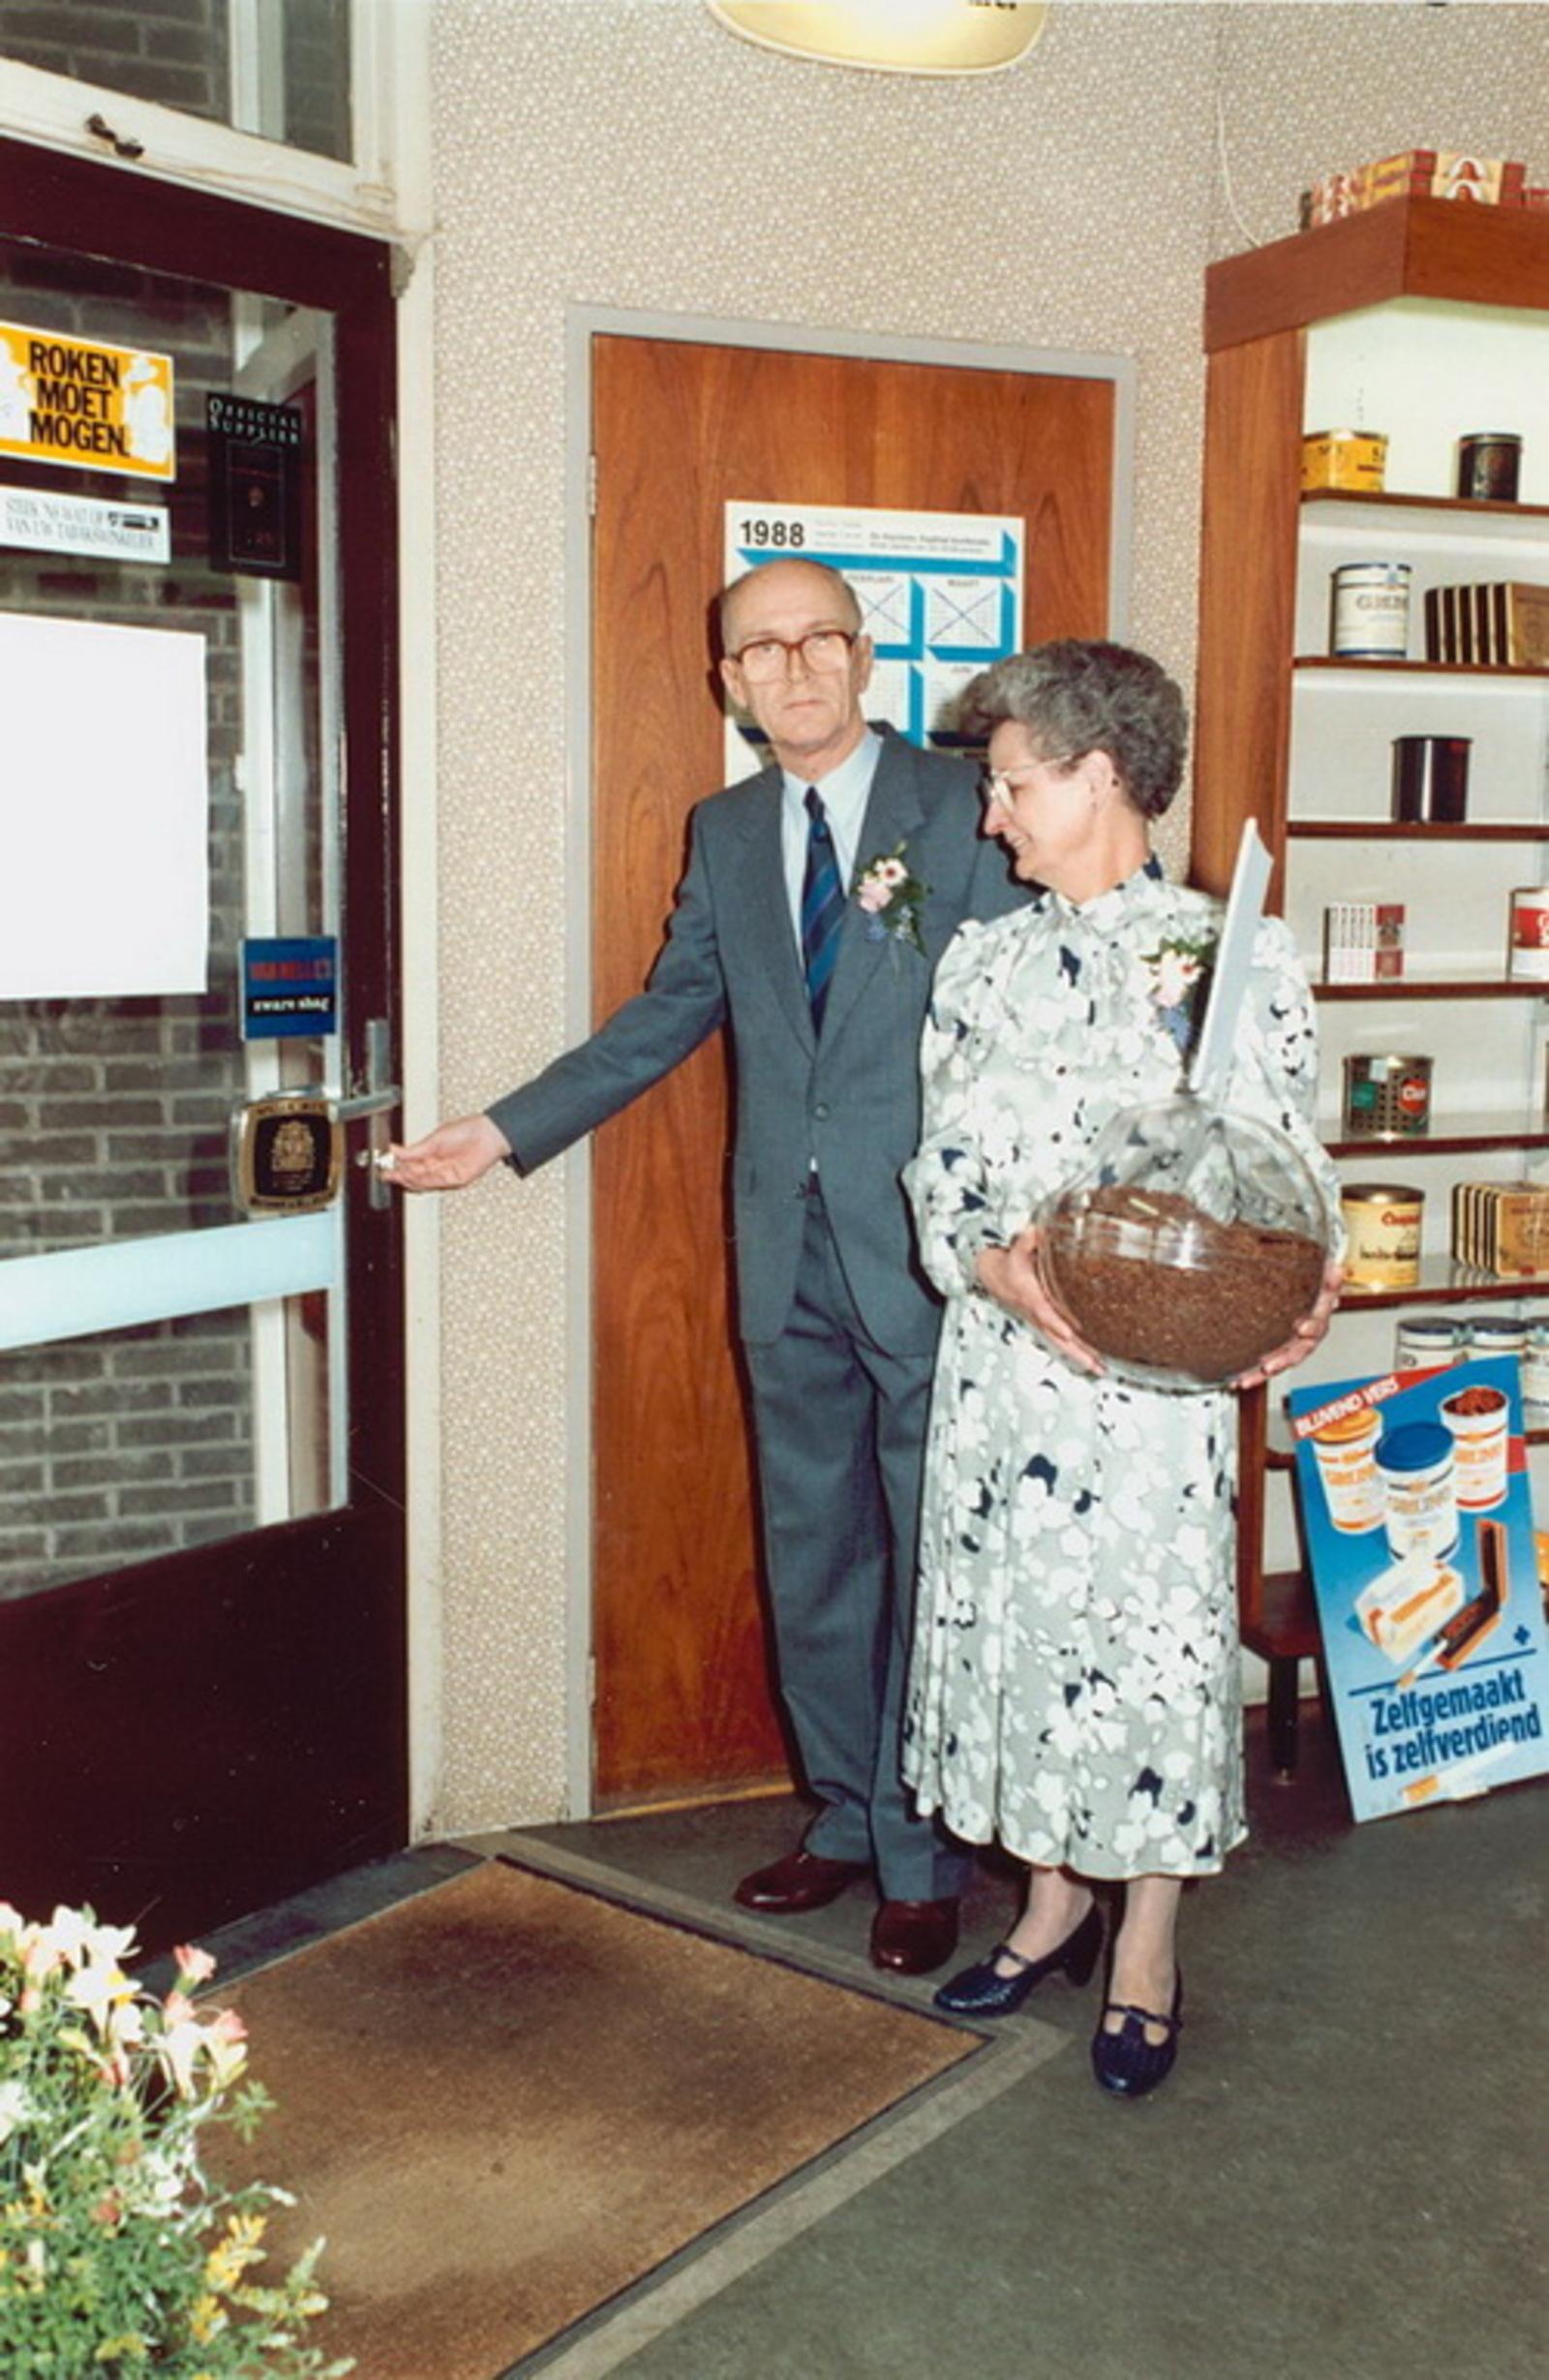 Marktlaan O 0022 1988 Sigarenboer Kraak 50jr Jub en Sluiting 17